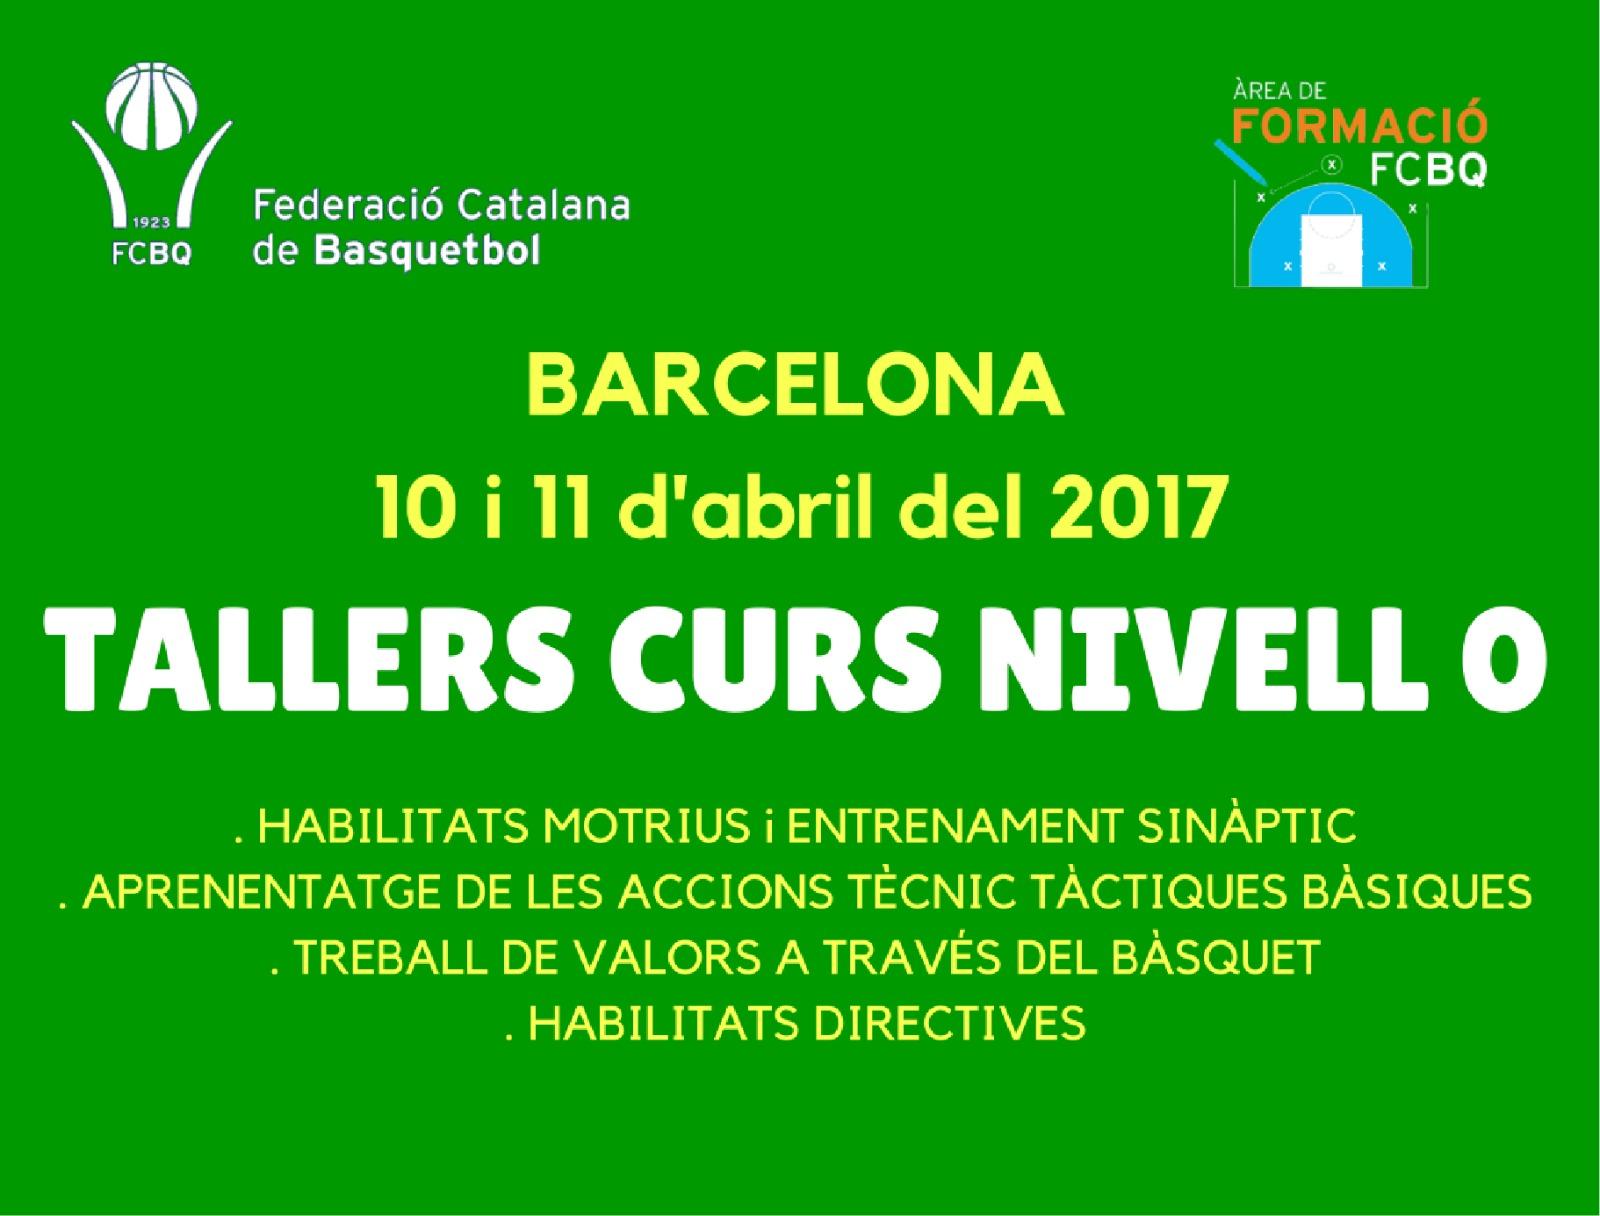 El 10 i 11 dabril, quatre noustallers de formació a Barcelona